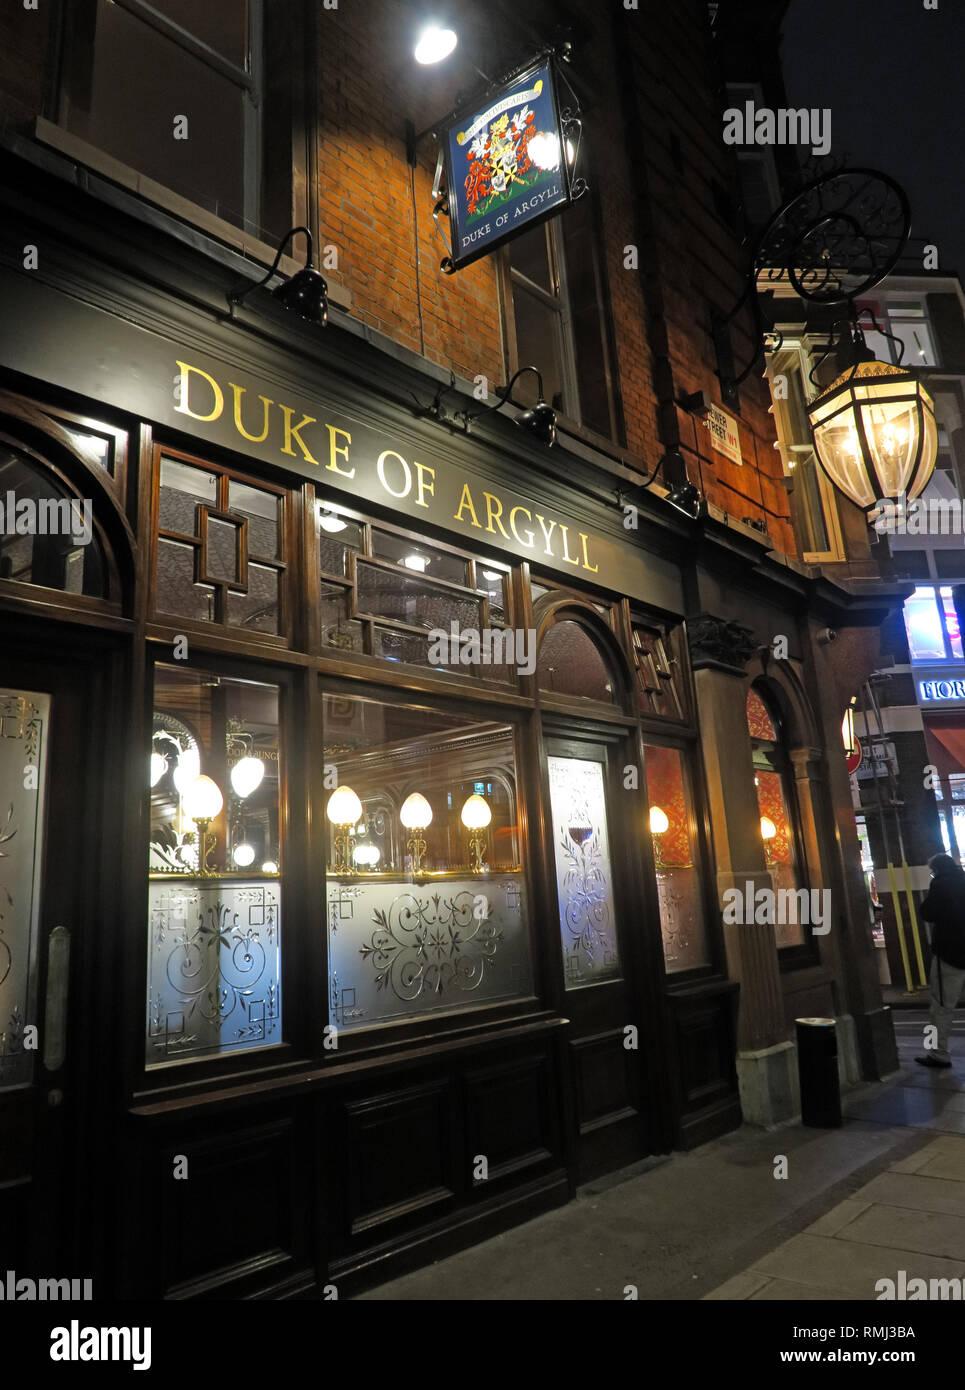 Duke of Argyll pub, 37 Brewer St, Soho, London, England, UK, W1F 0RY - Stock Image